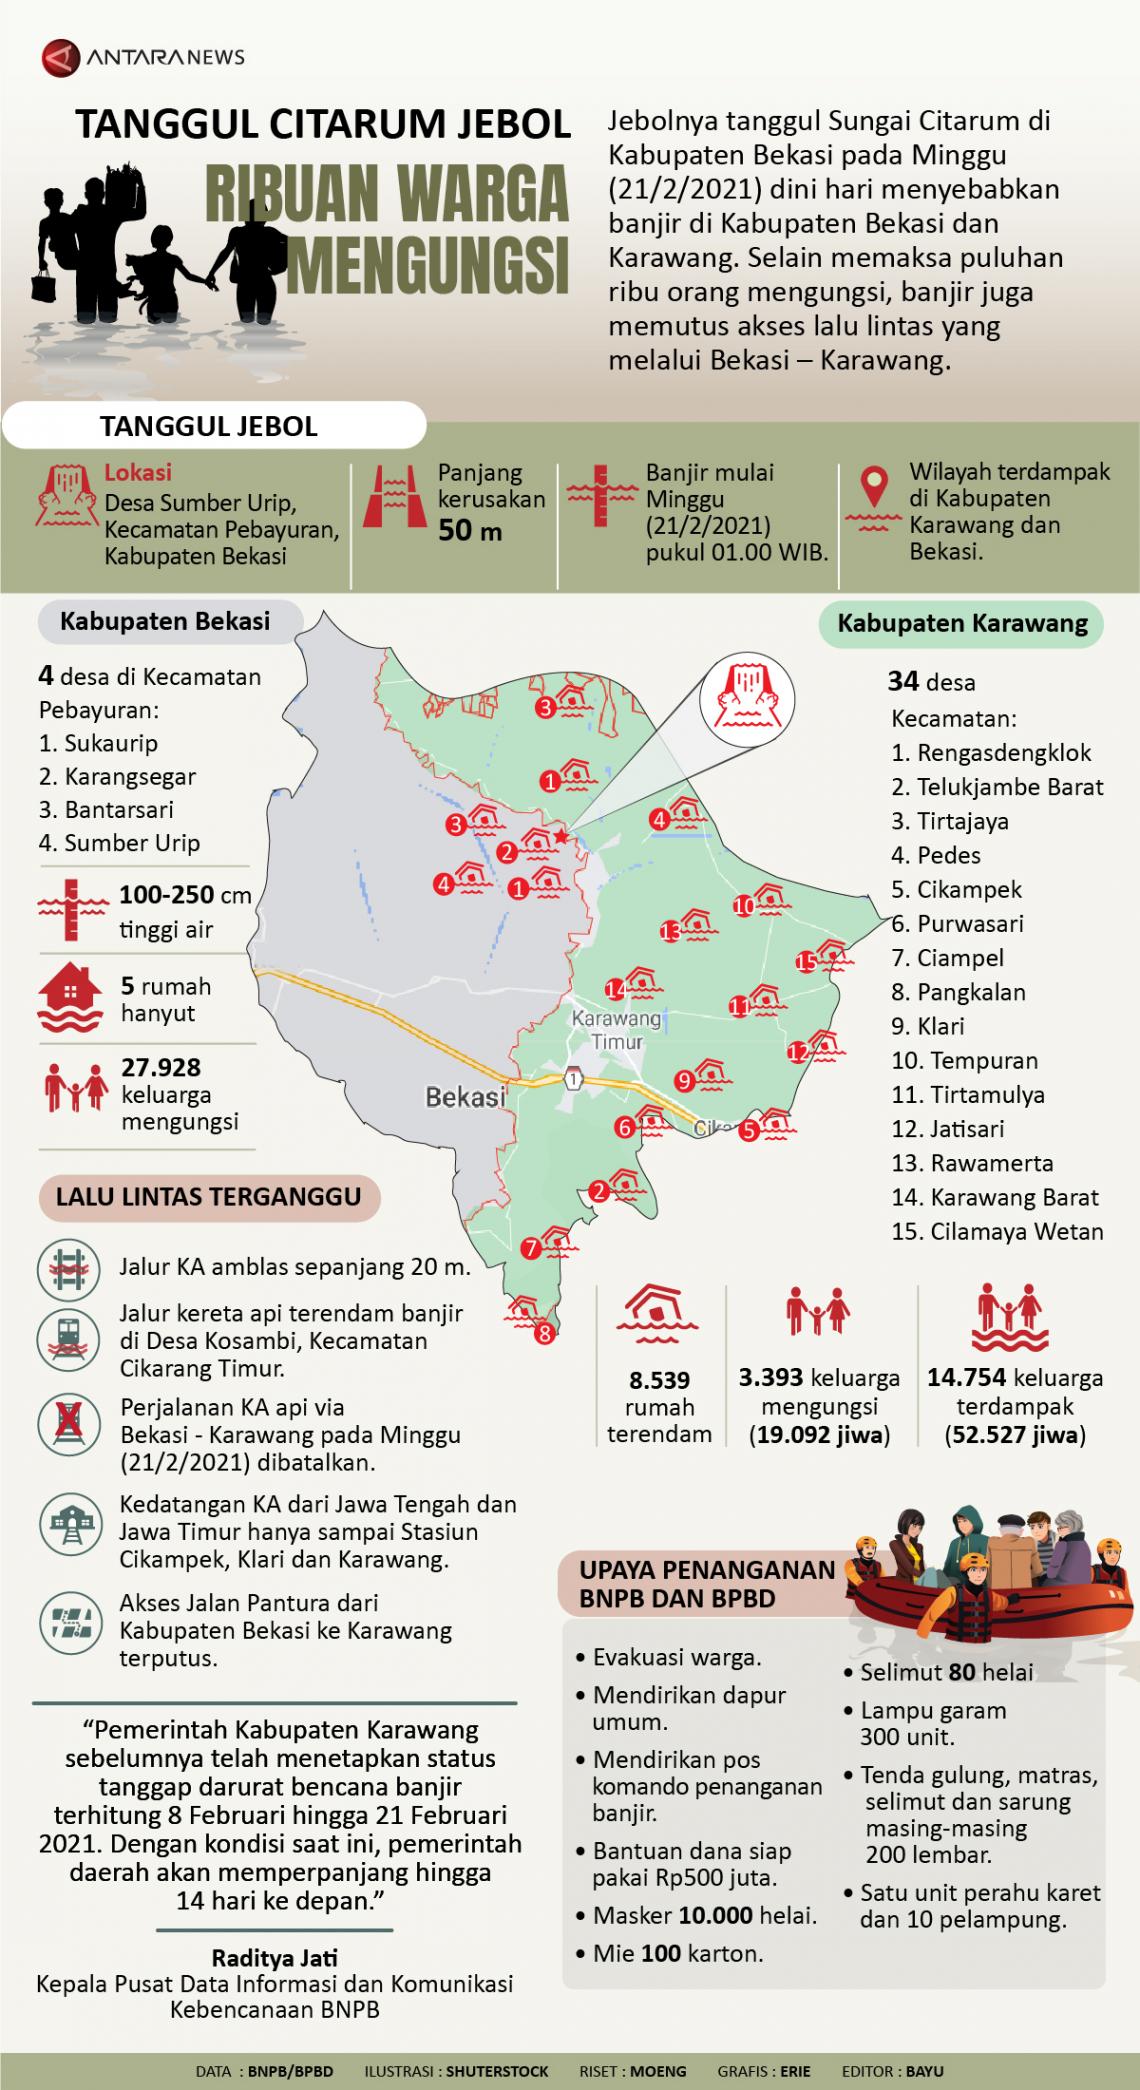 Tanggul Citarum jebol, ribuan warga mengungsi